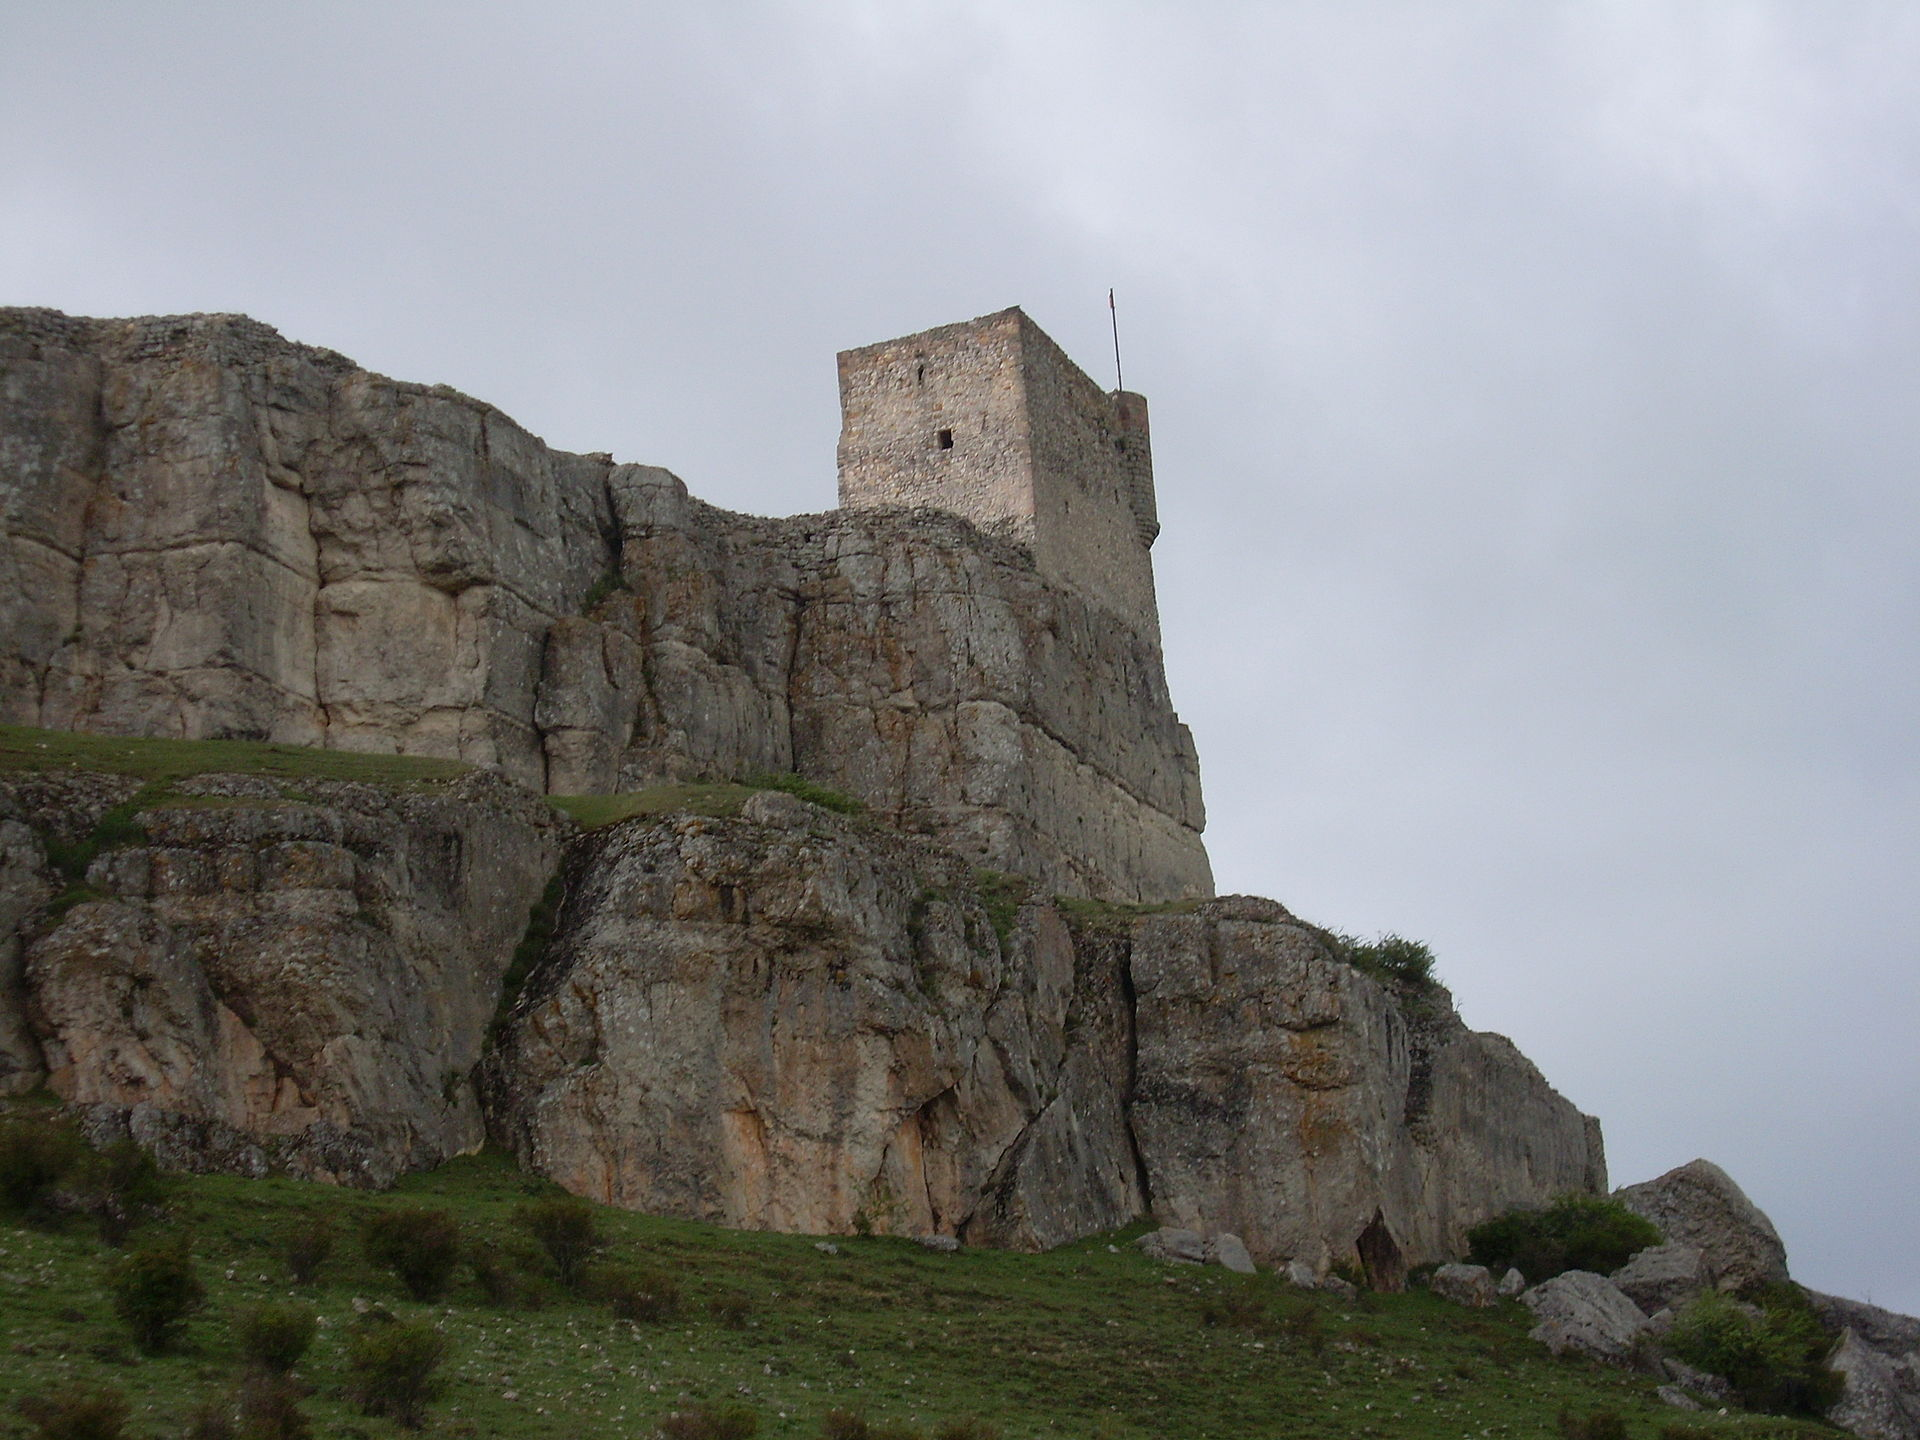 castillo de atienza  u2013 wikipedia